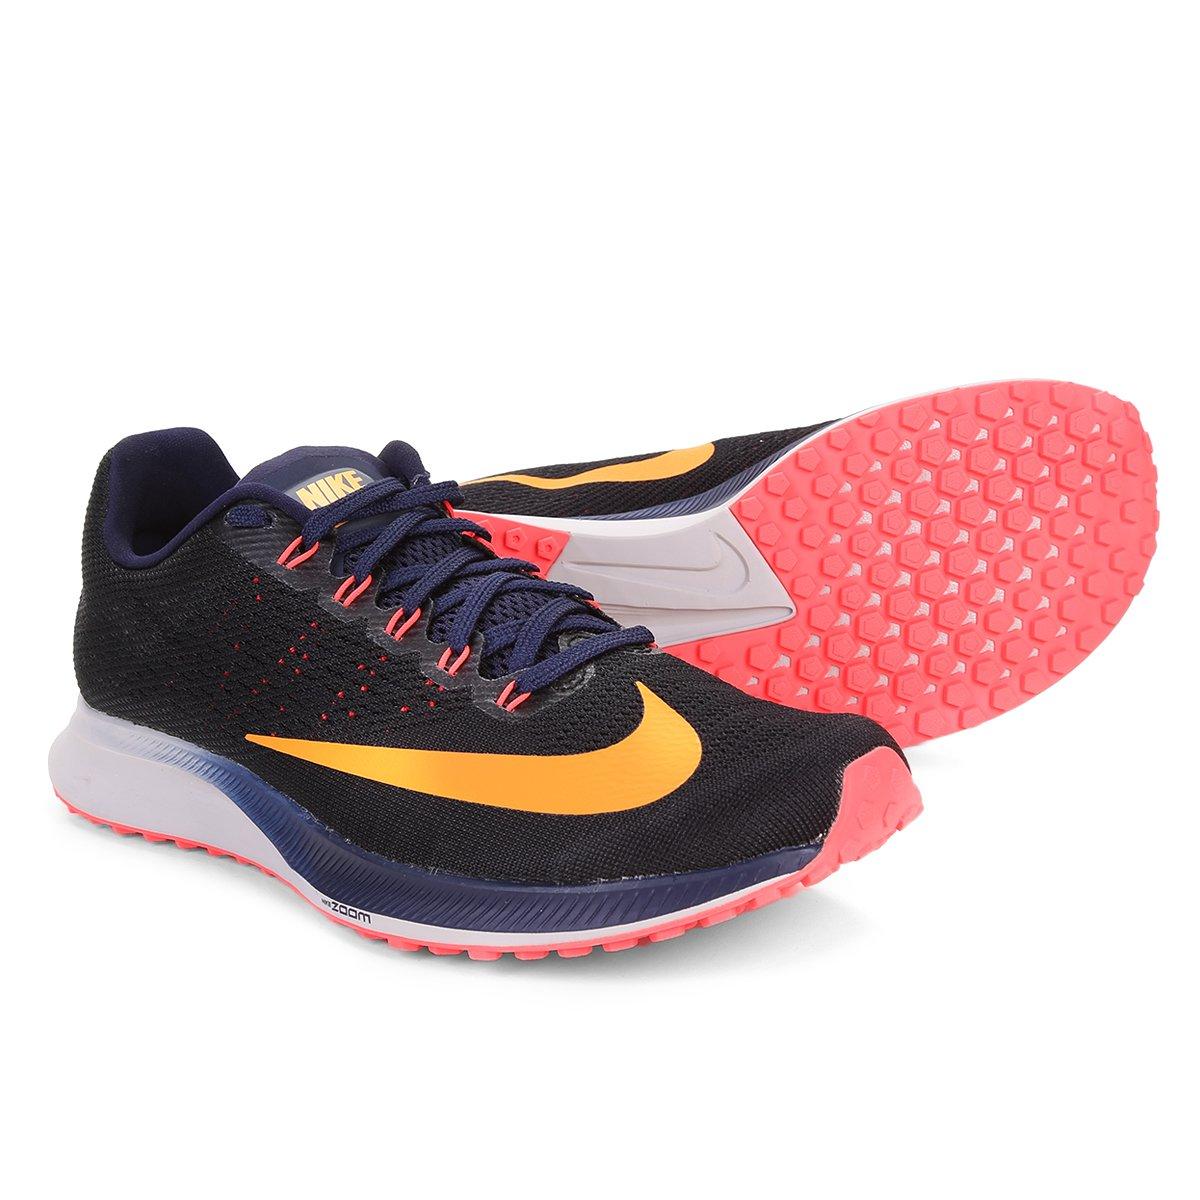 f88627e5d38 Tênis Nike Air Zoom Elite 10 Masculino - Preto e Azul - Compre Agora ...